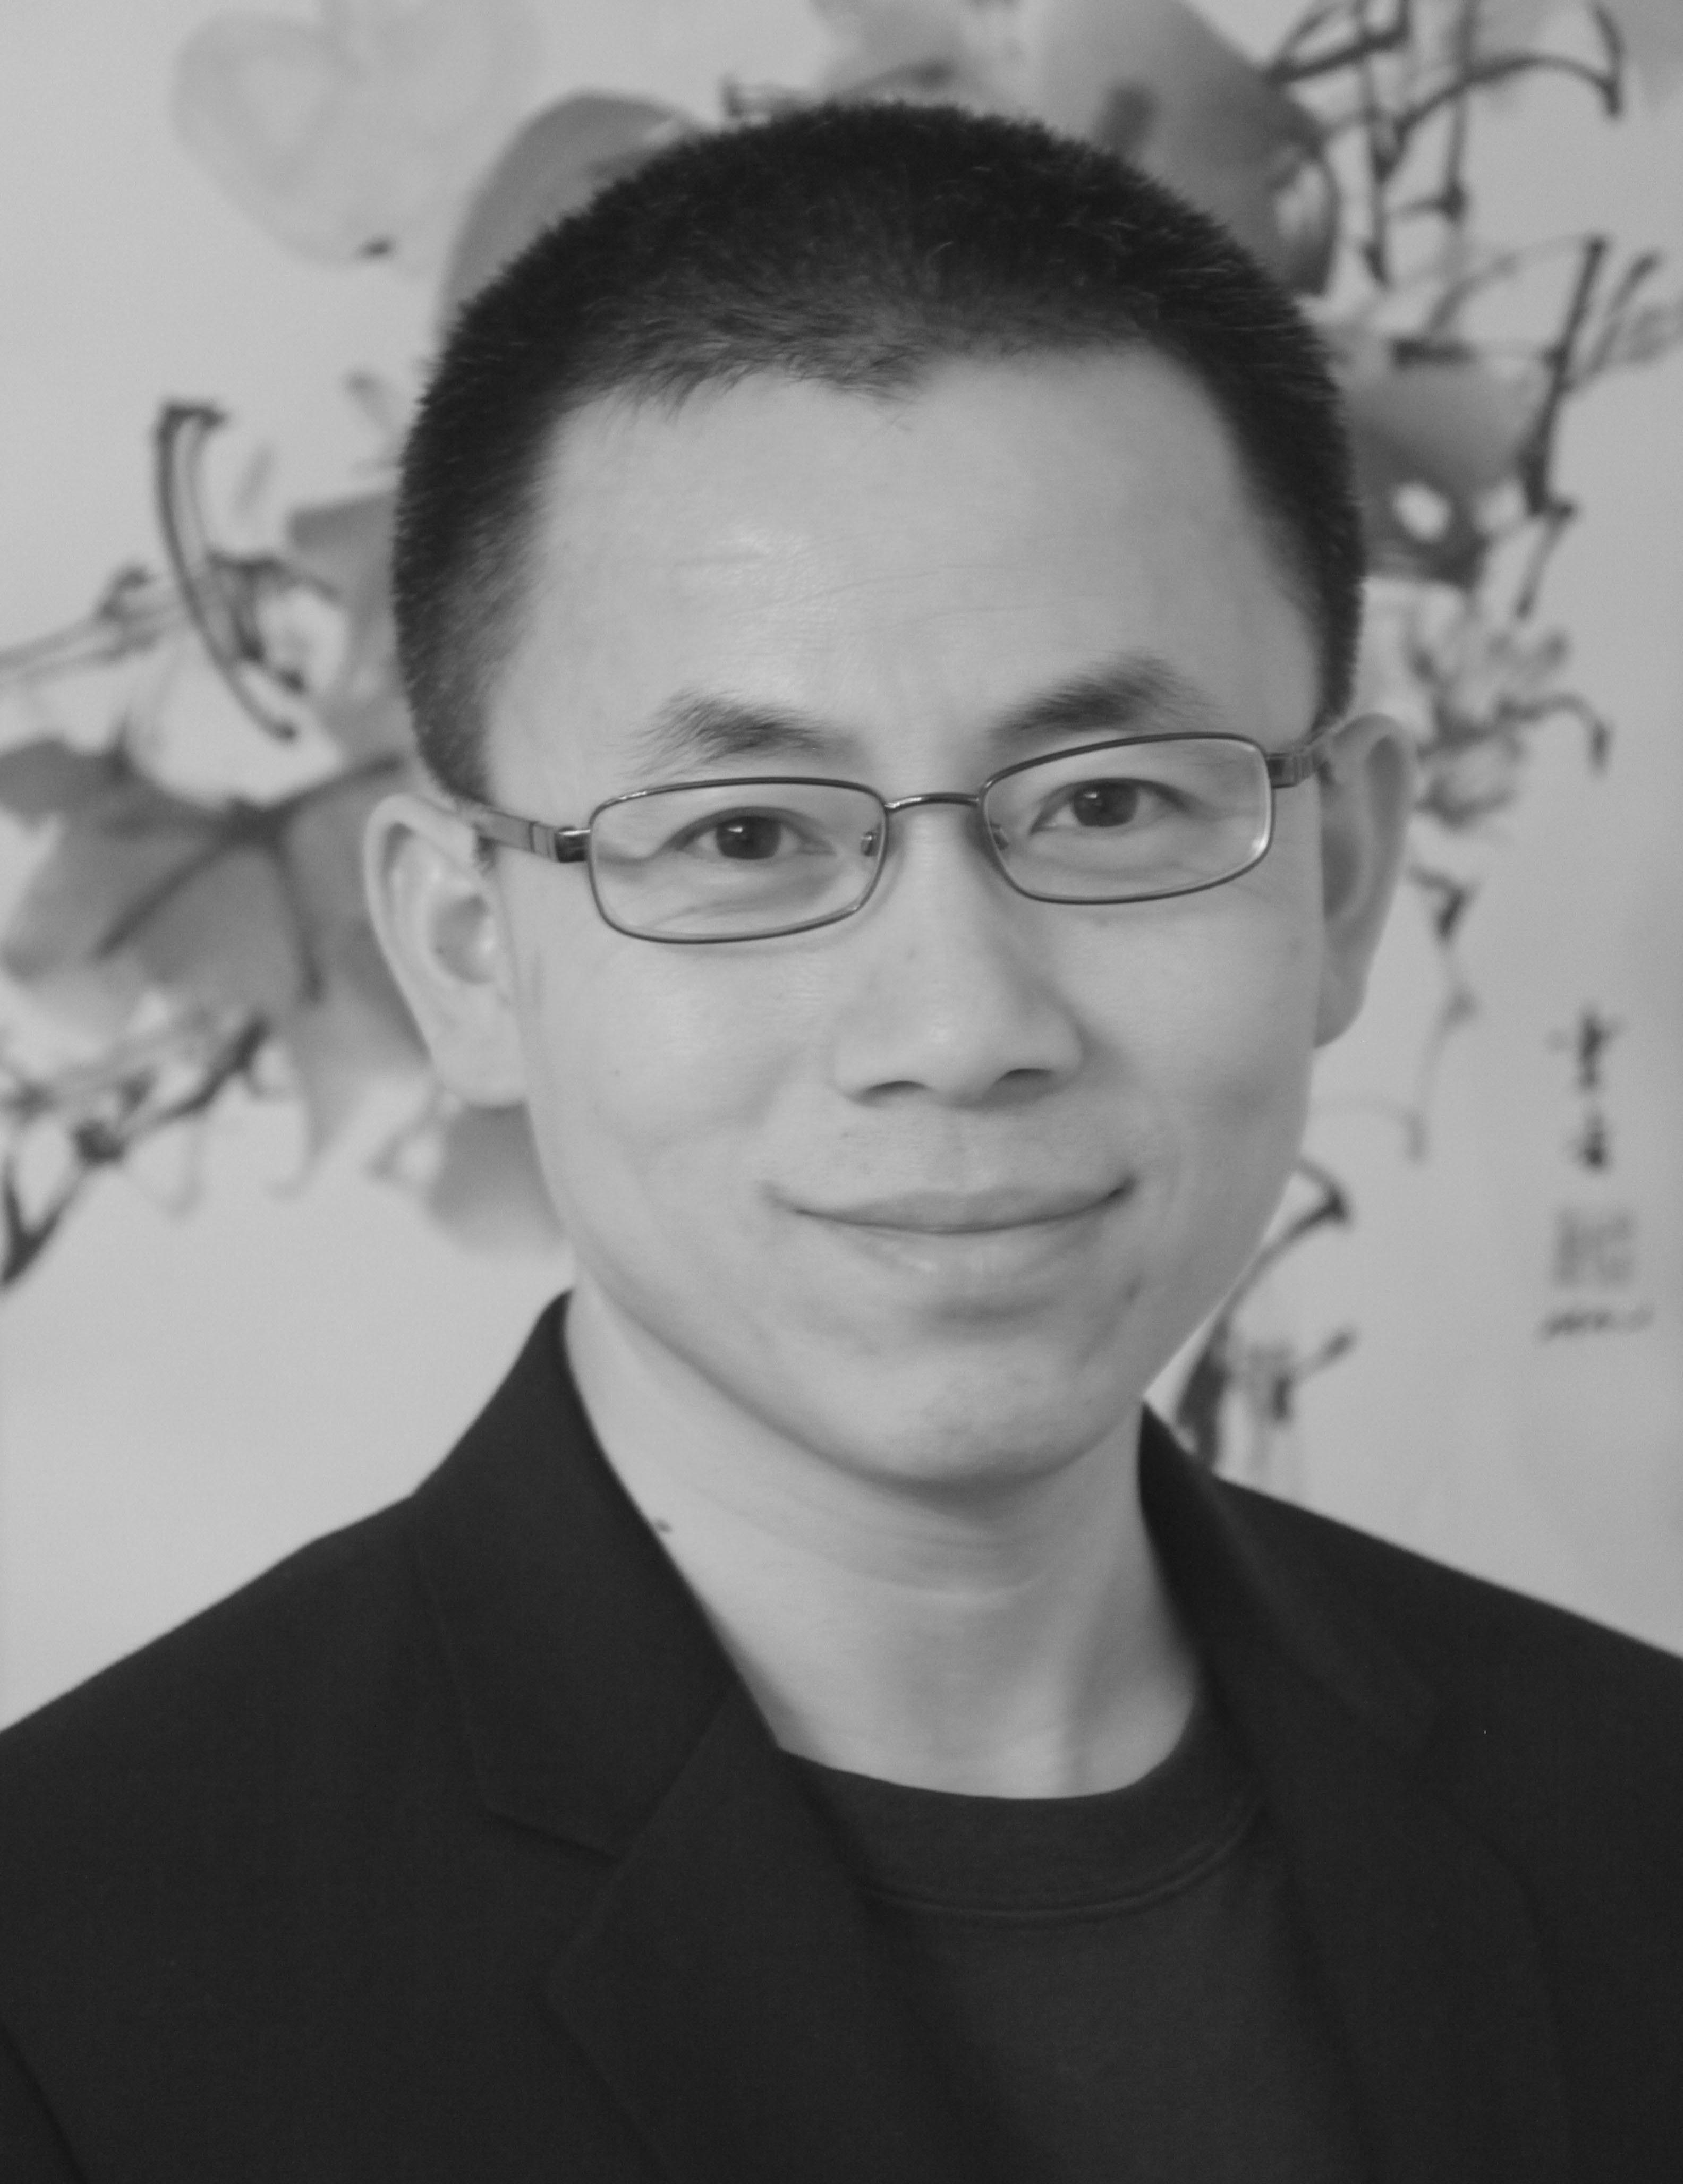 Jianjun Cheng